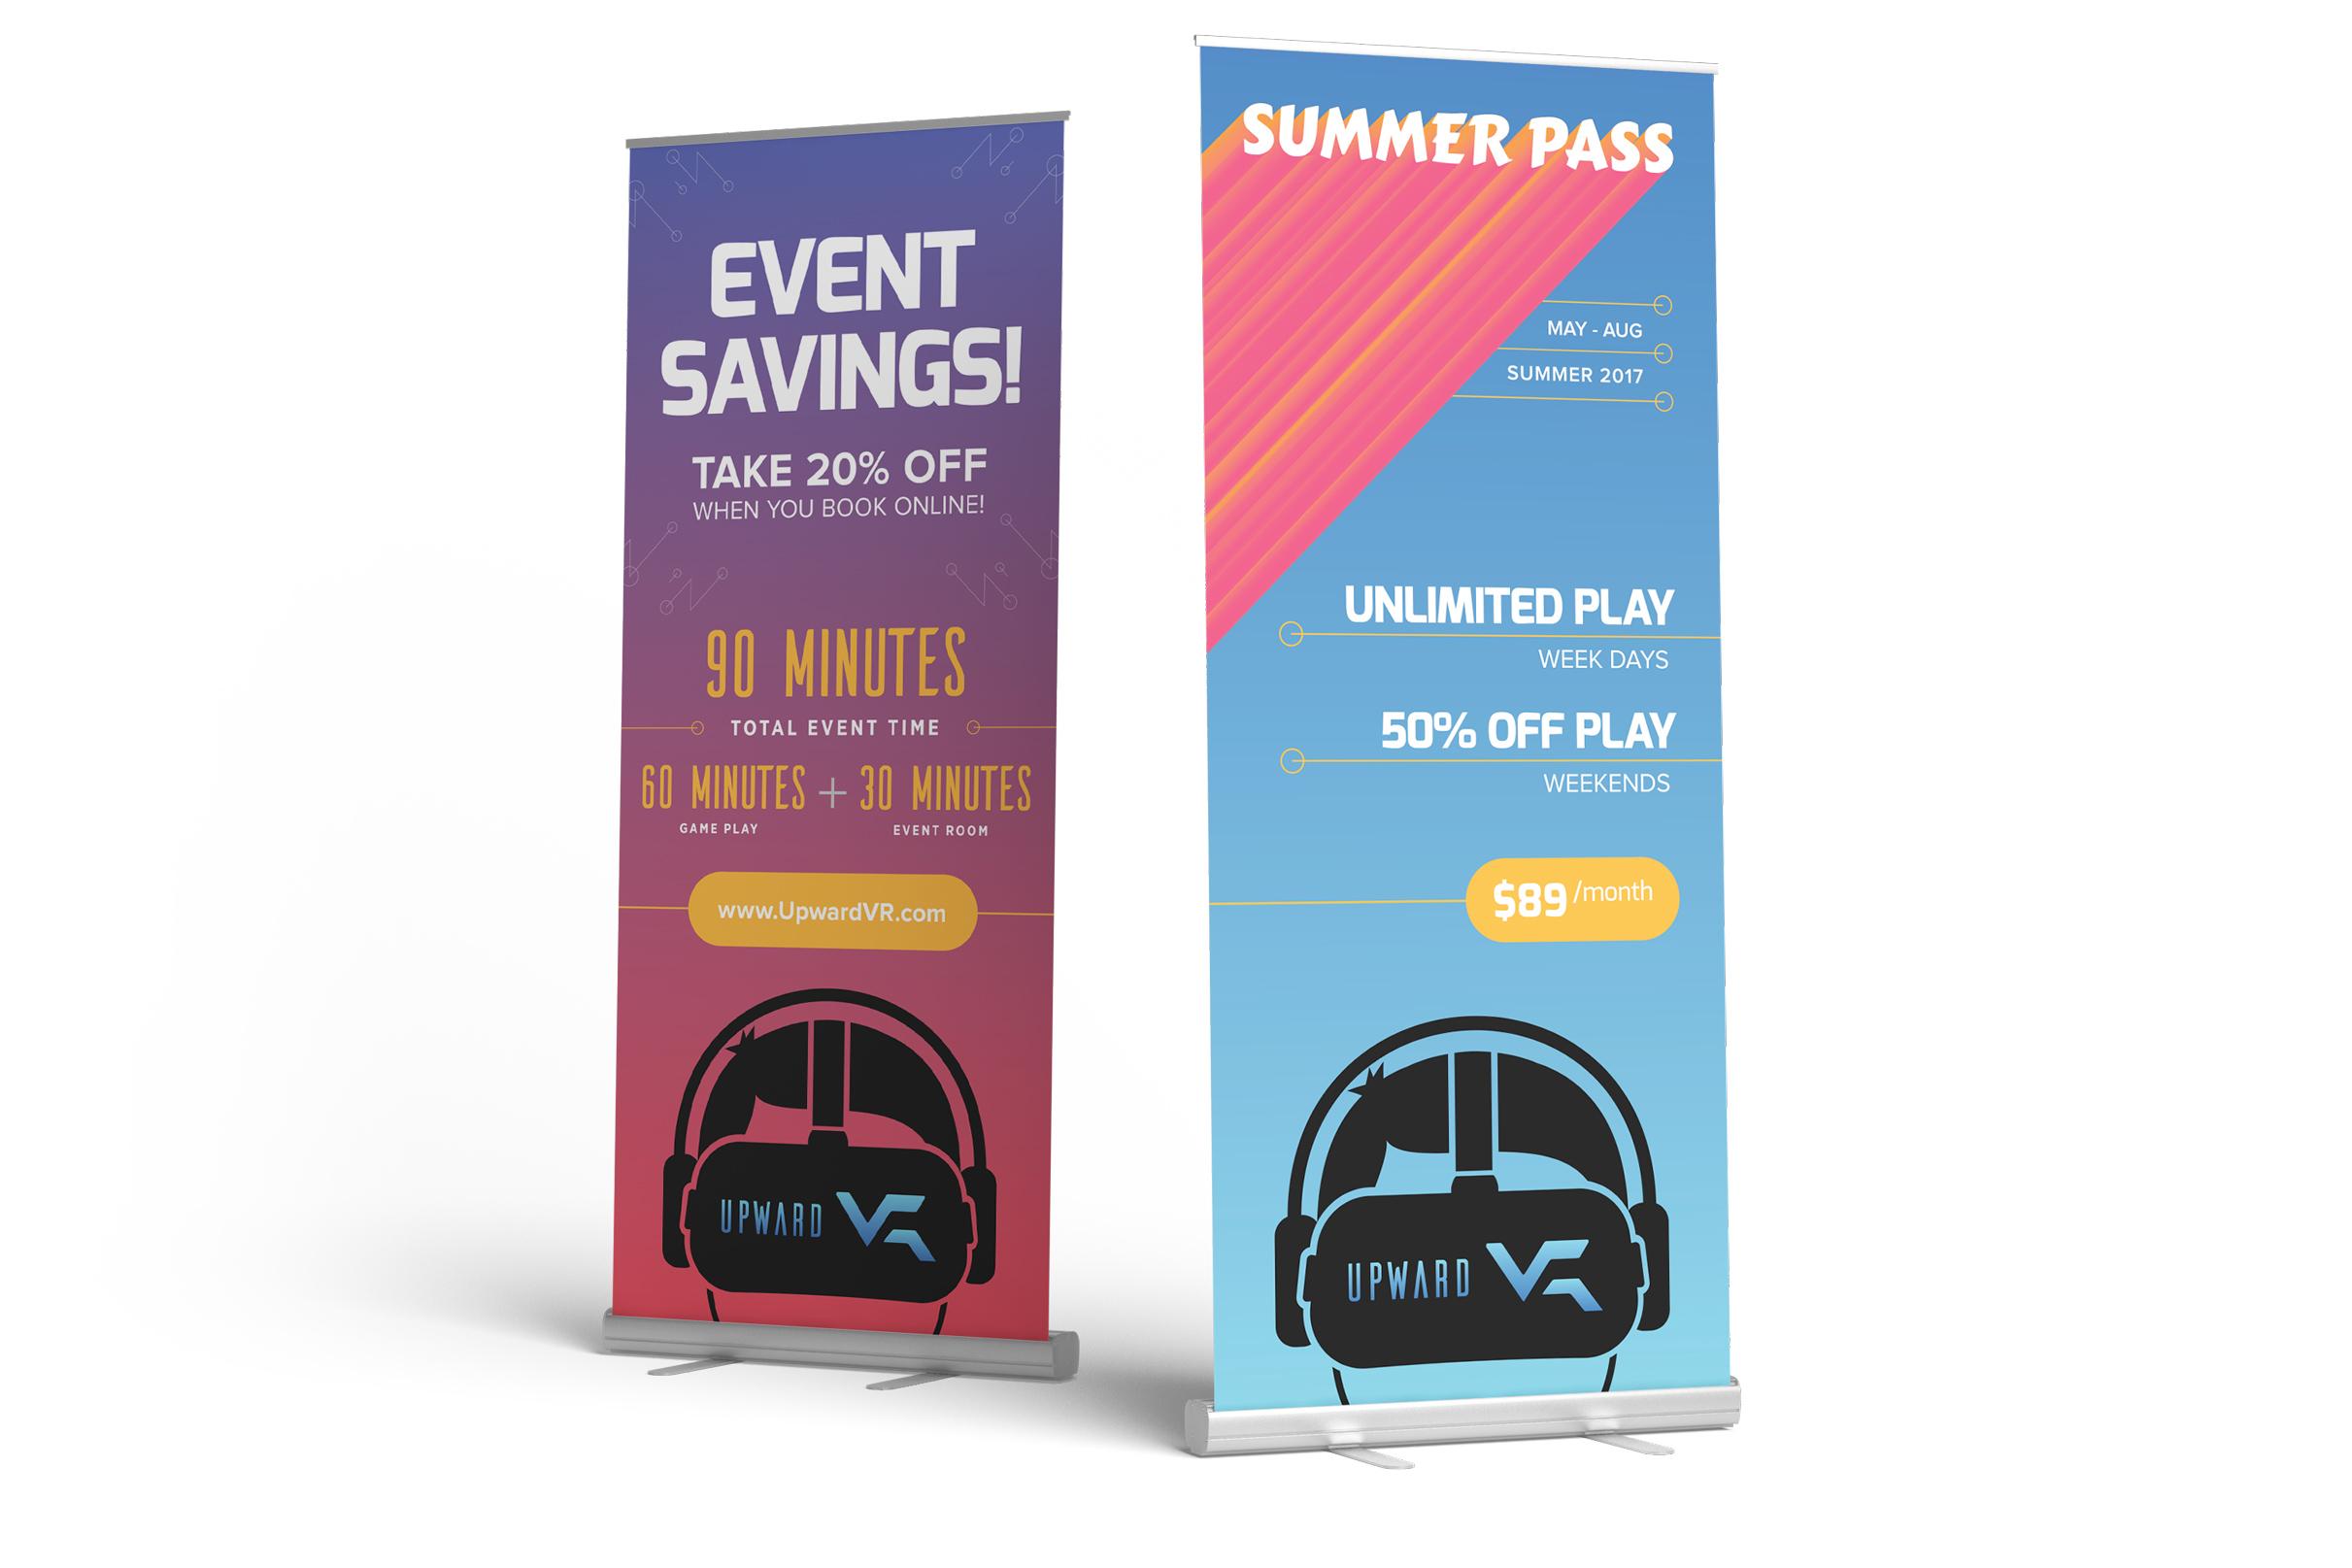 Summer-Pass-banners.jpg